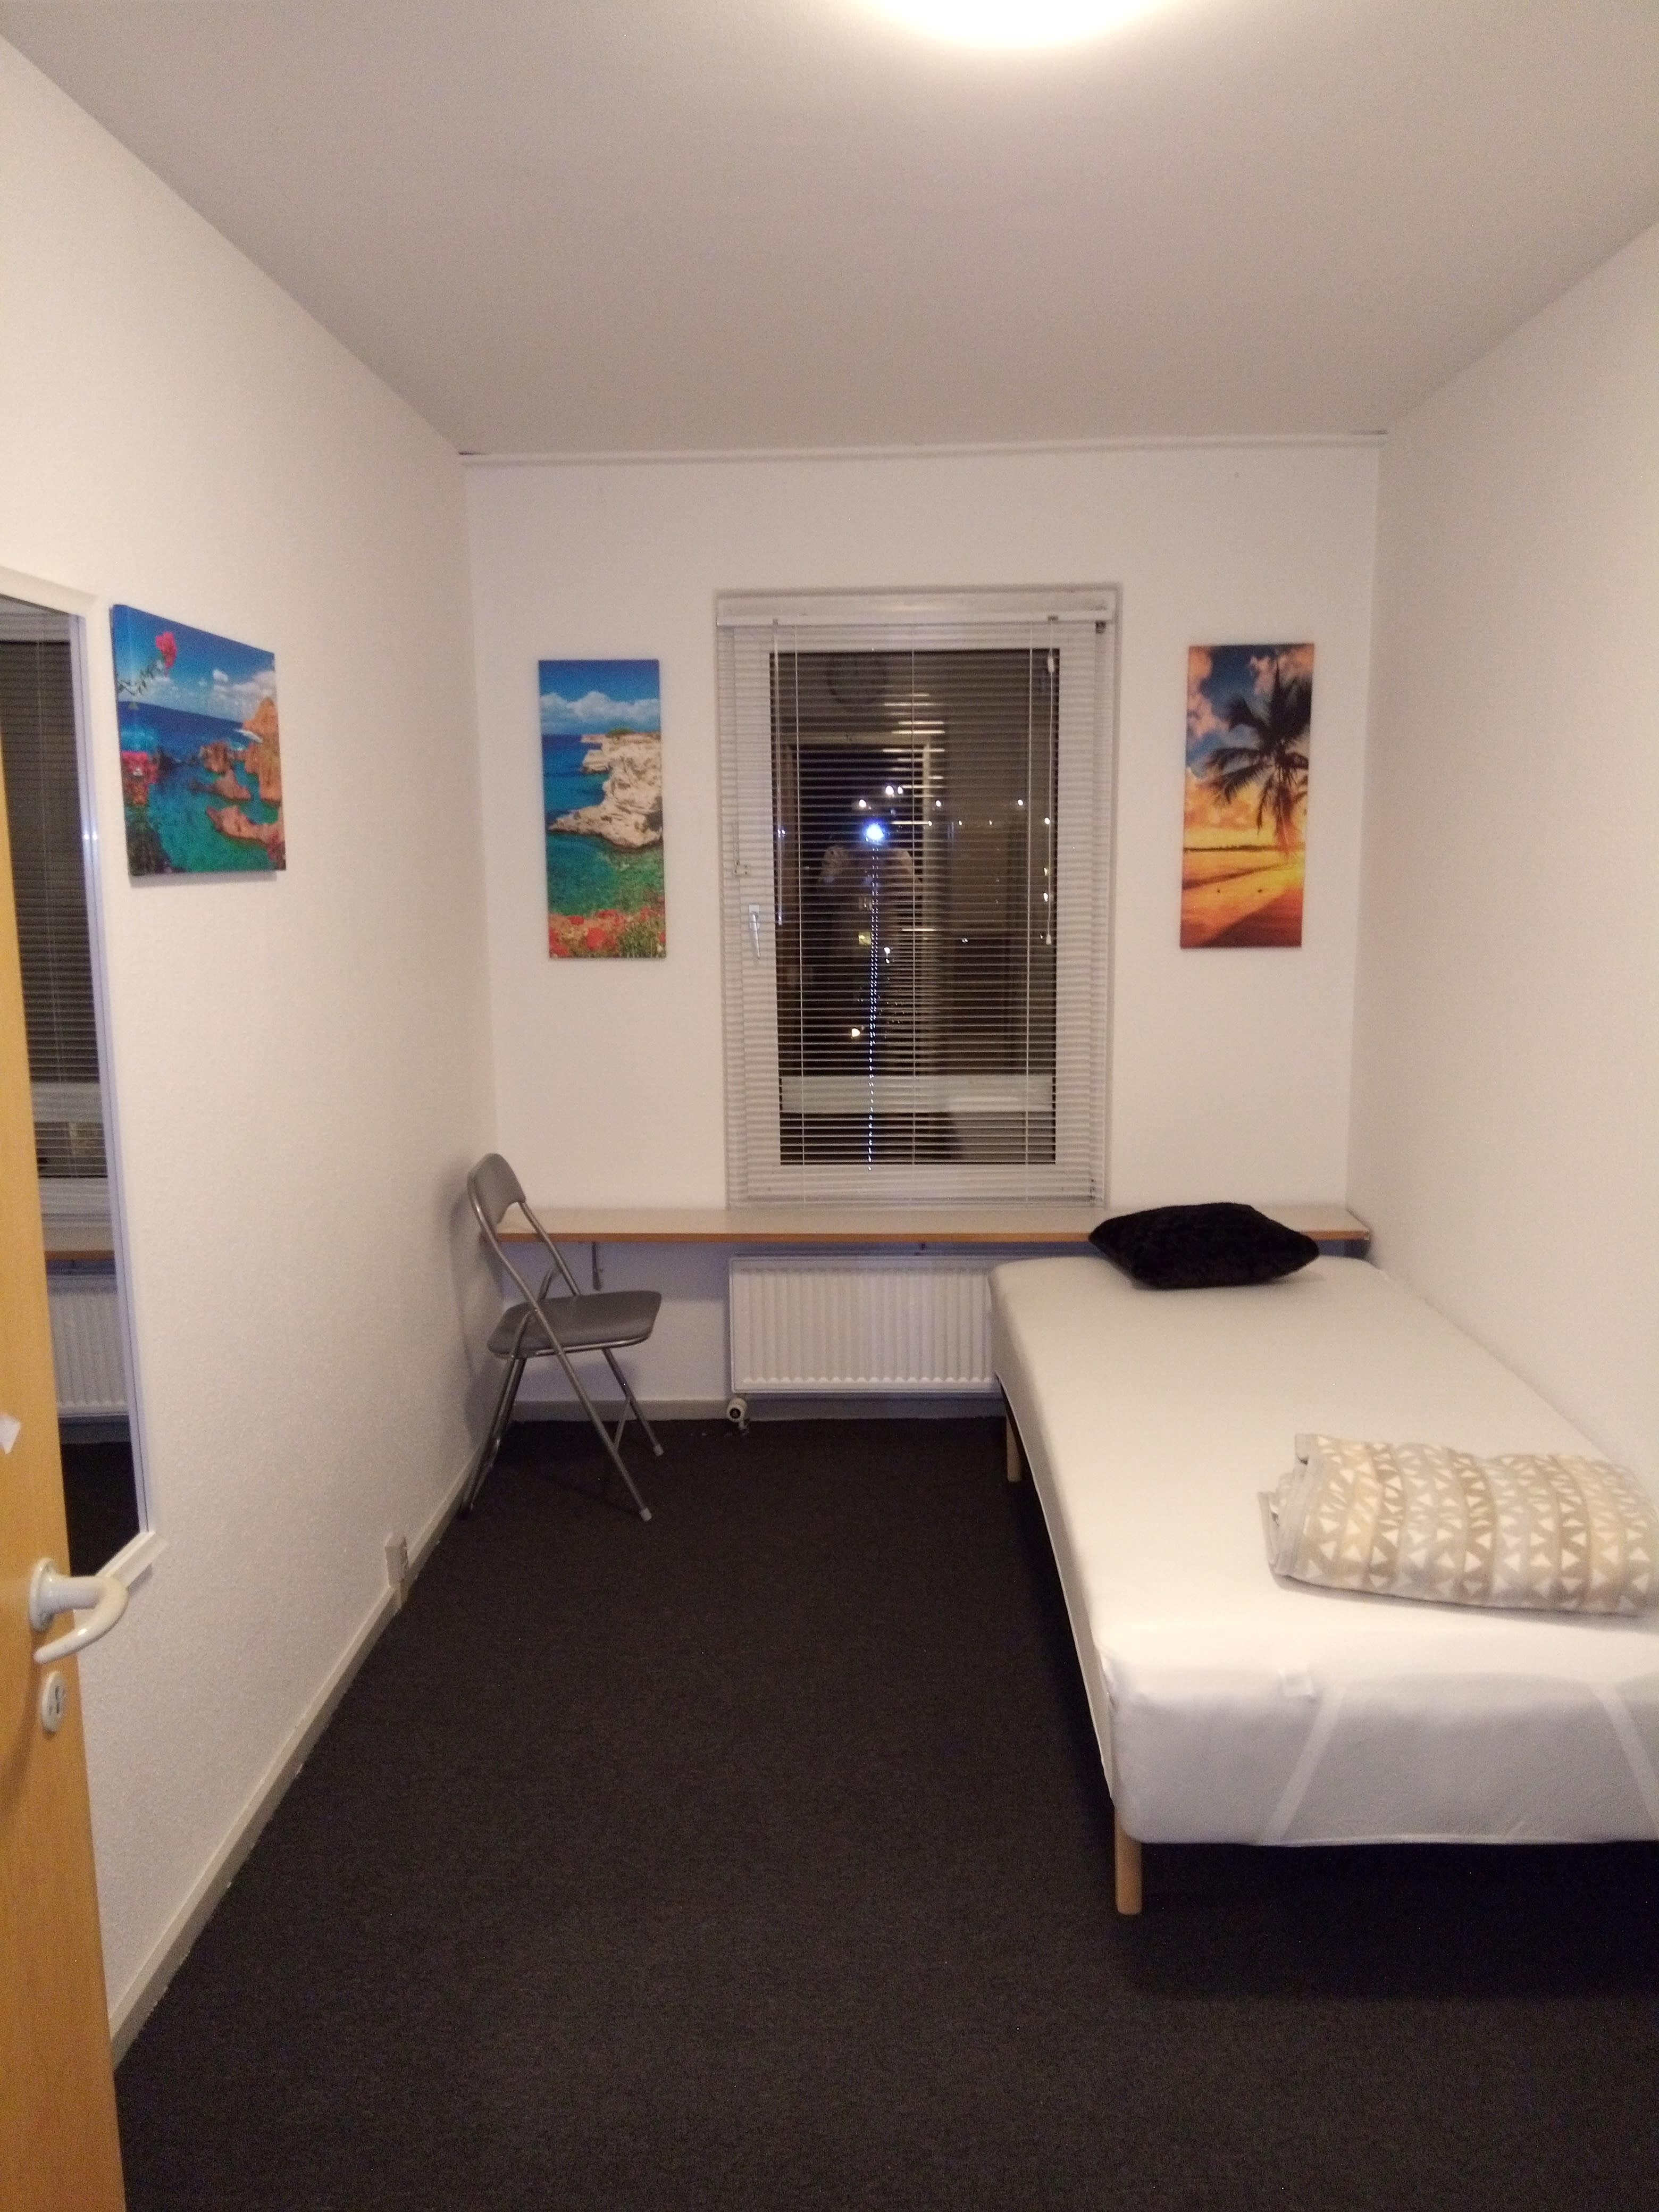 10 m2 værelse udlejes i Aarhus til 3500,- kr.